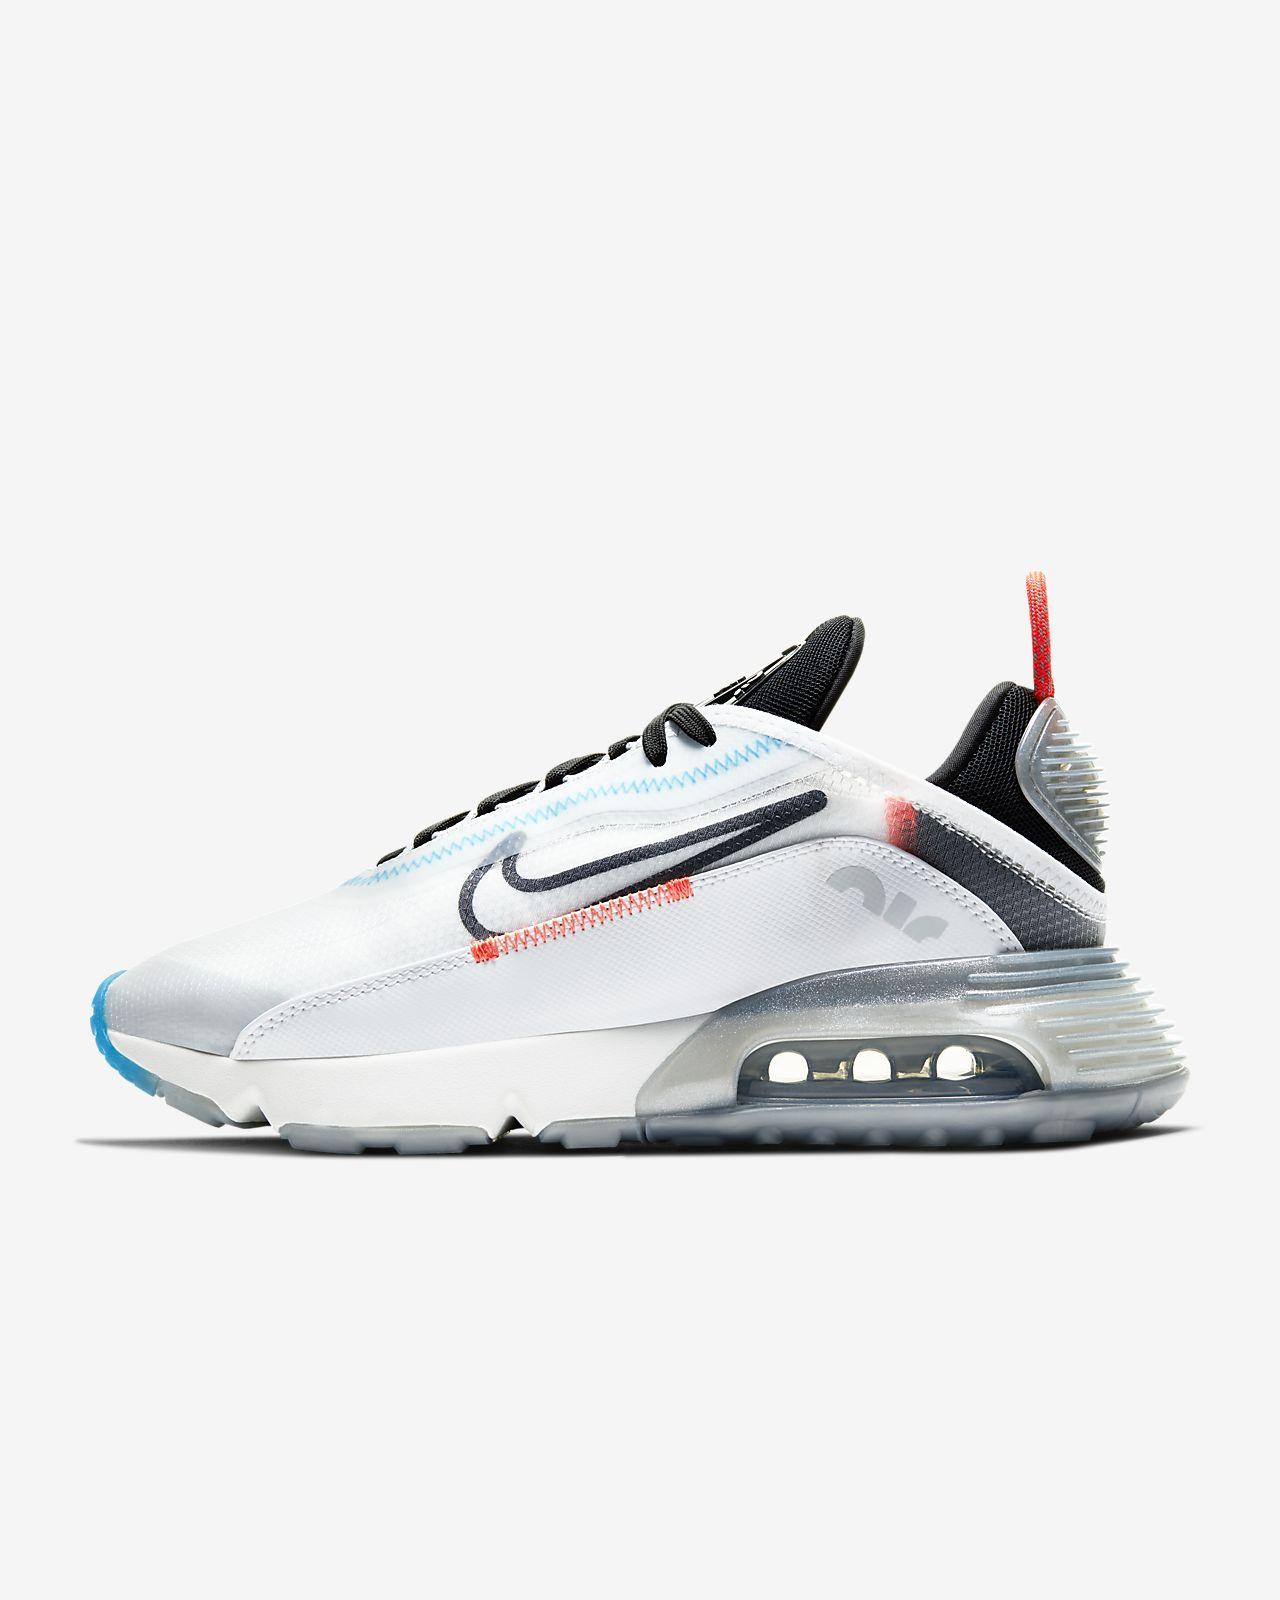 Nike Air Max Defy RN Women's Sneakers 7 US